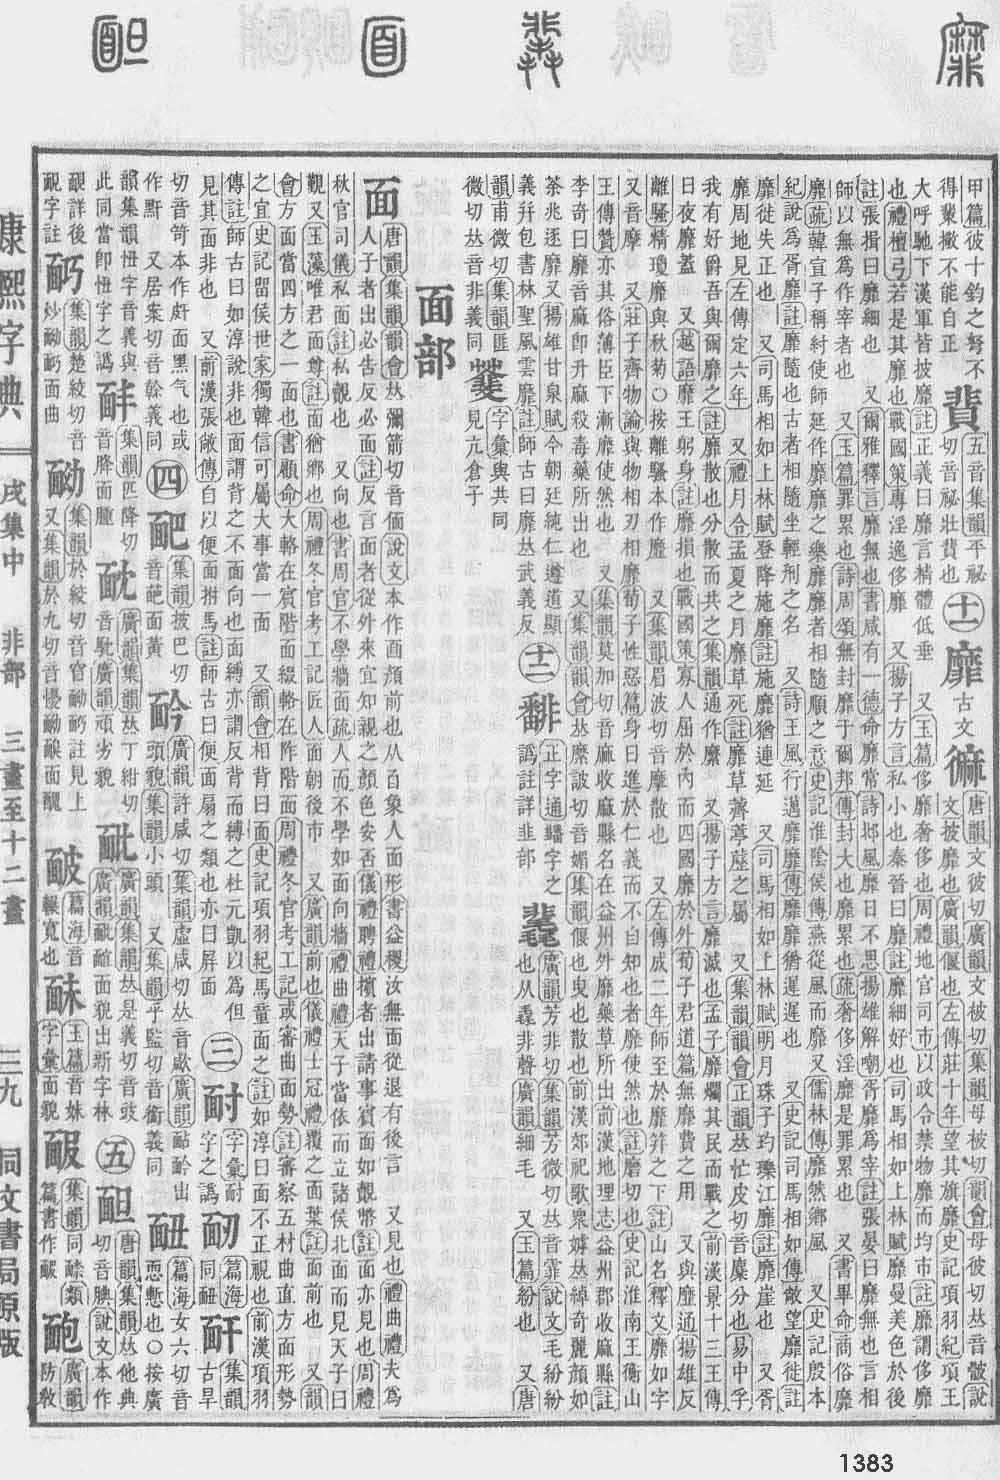 《康熙字典》第1383页